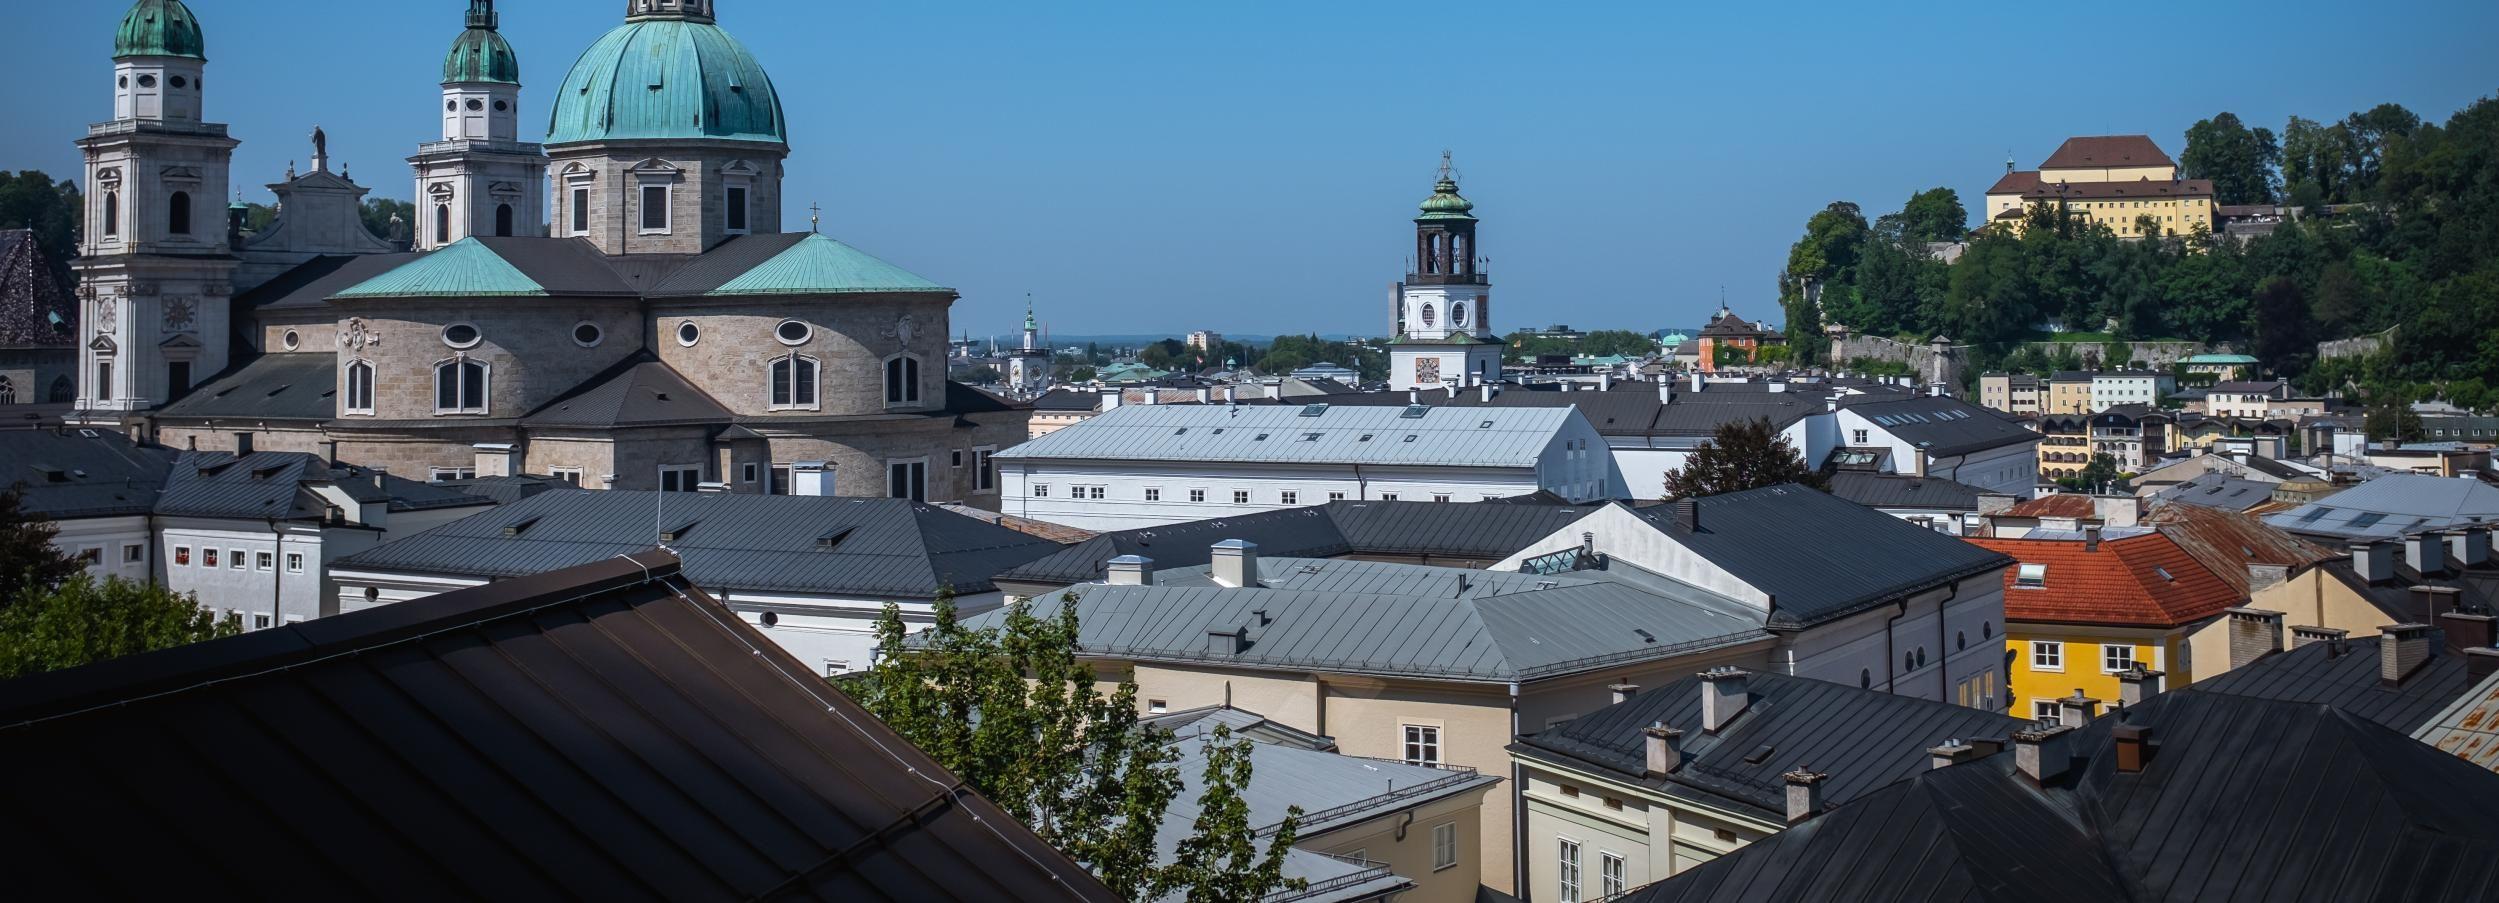 Salzburg: Interactive Puzzle and City Exploration Tour